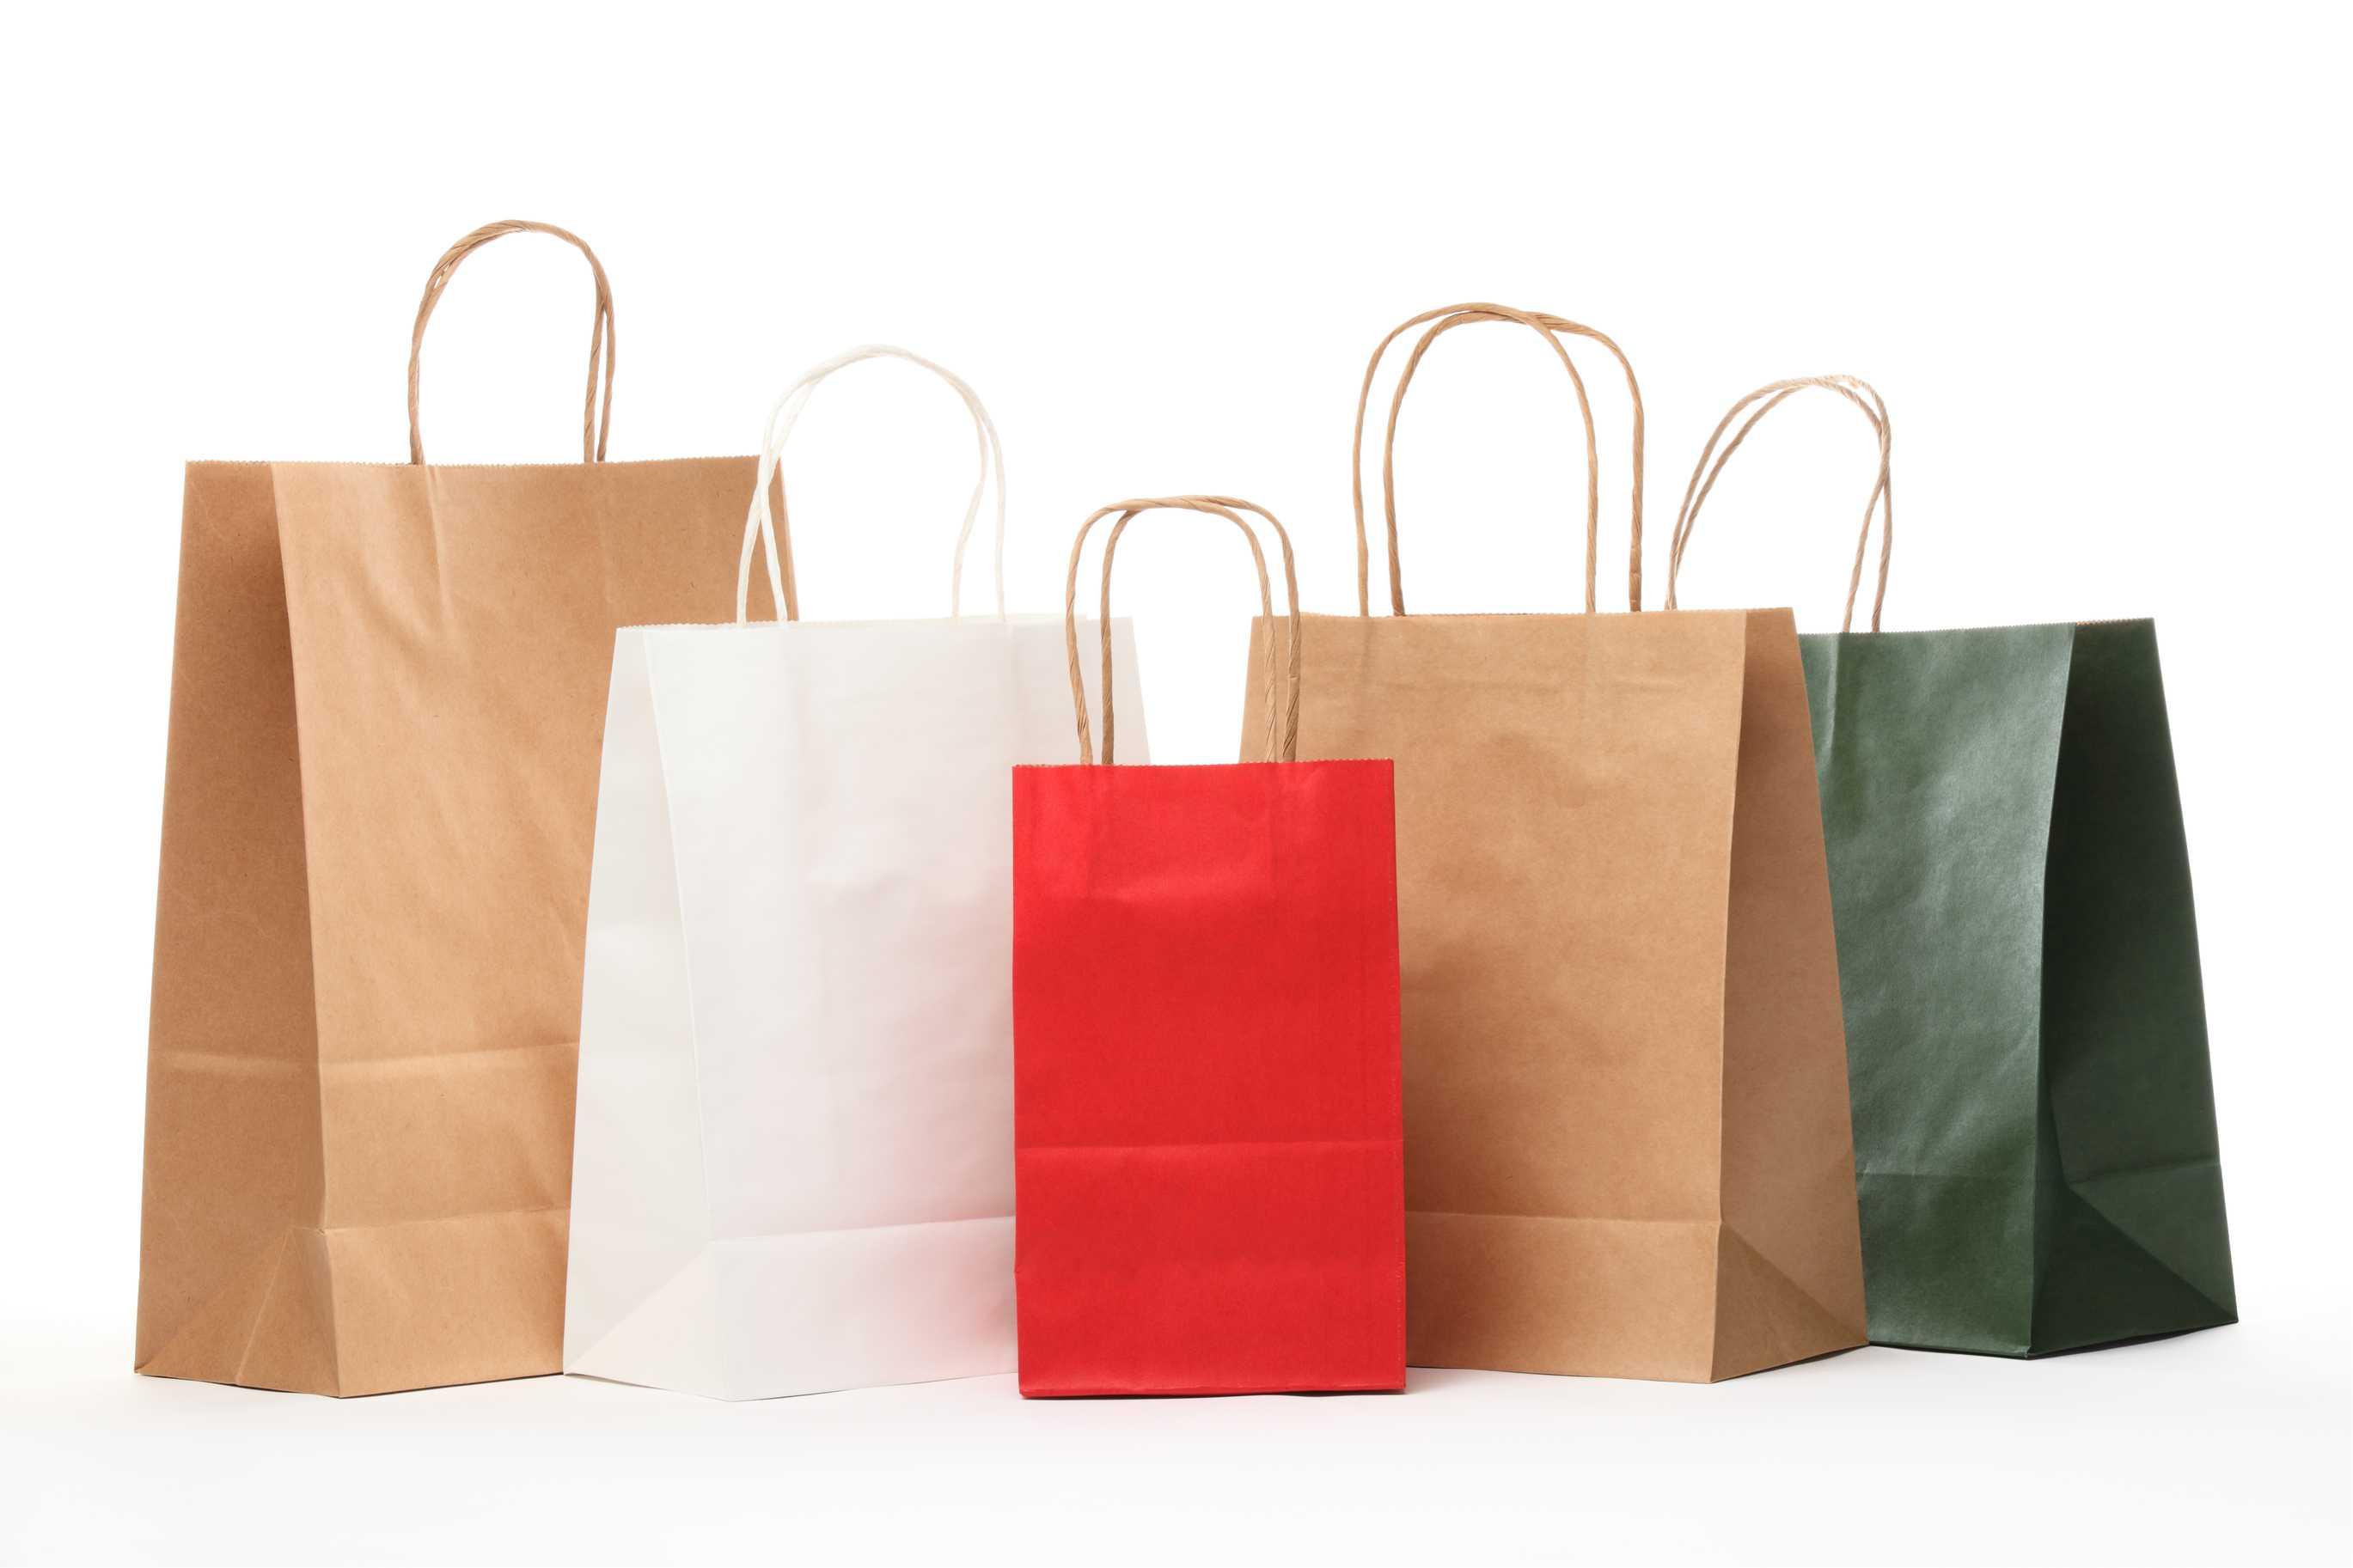 Пакеты бумажные для оформления подарков — выгода очевидна